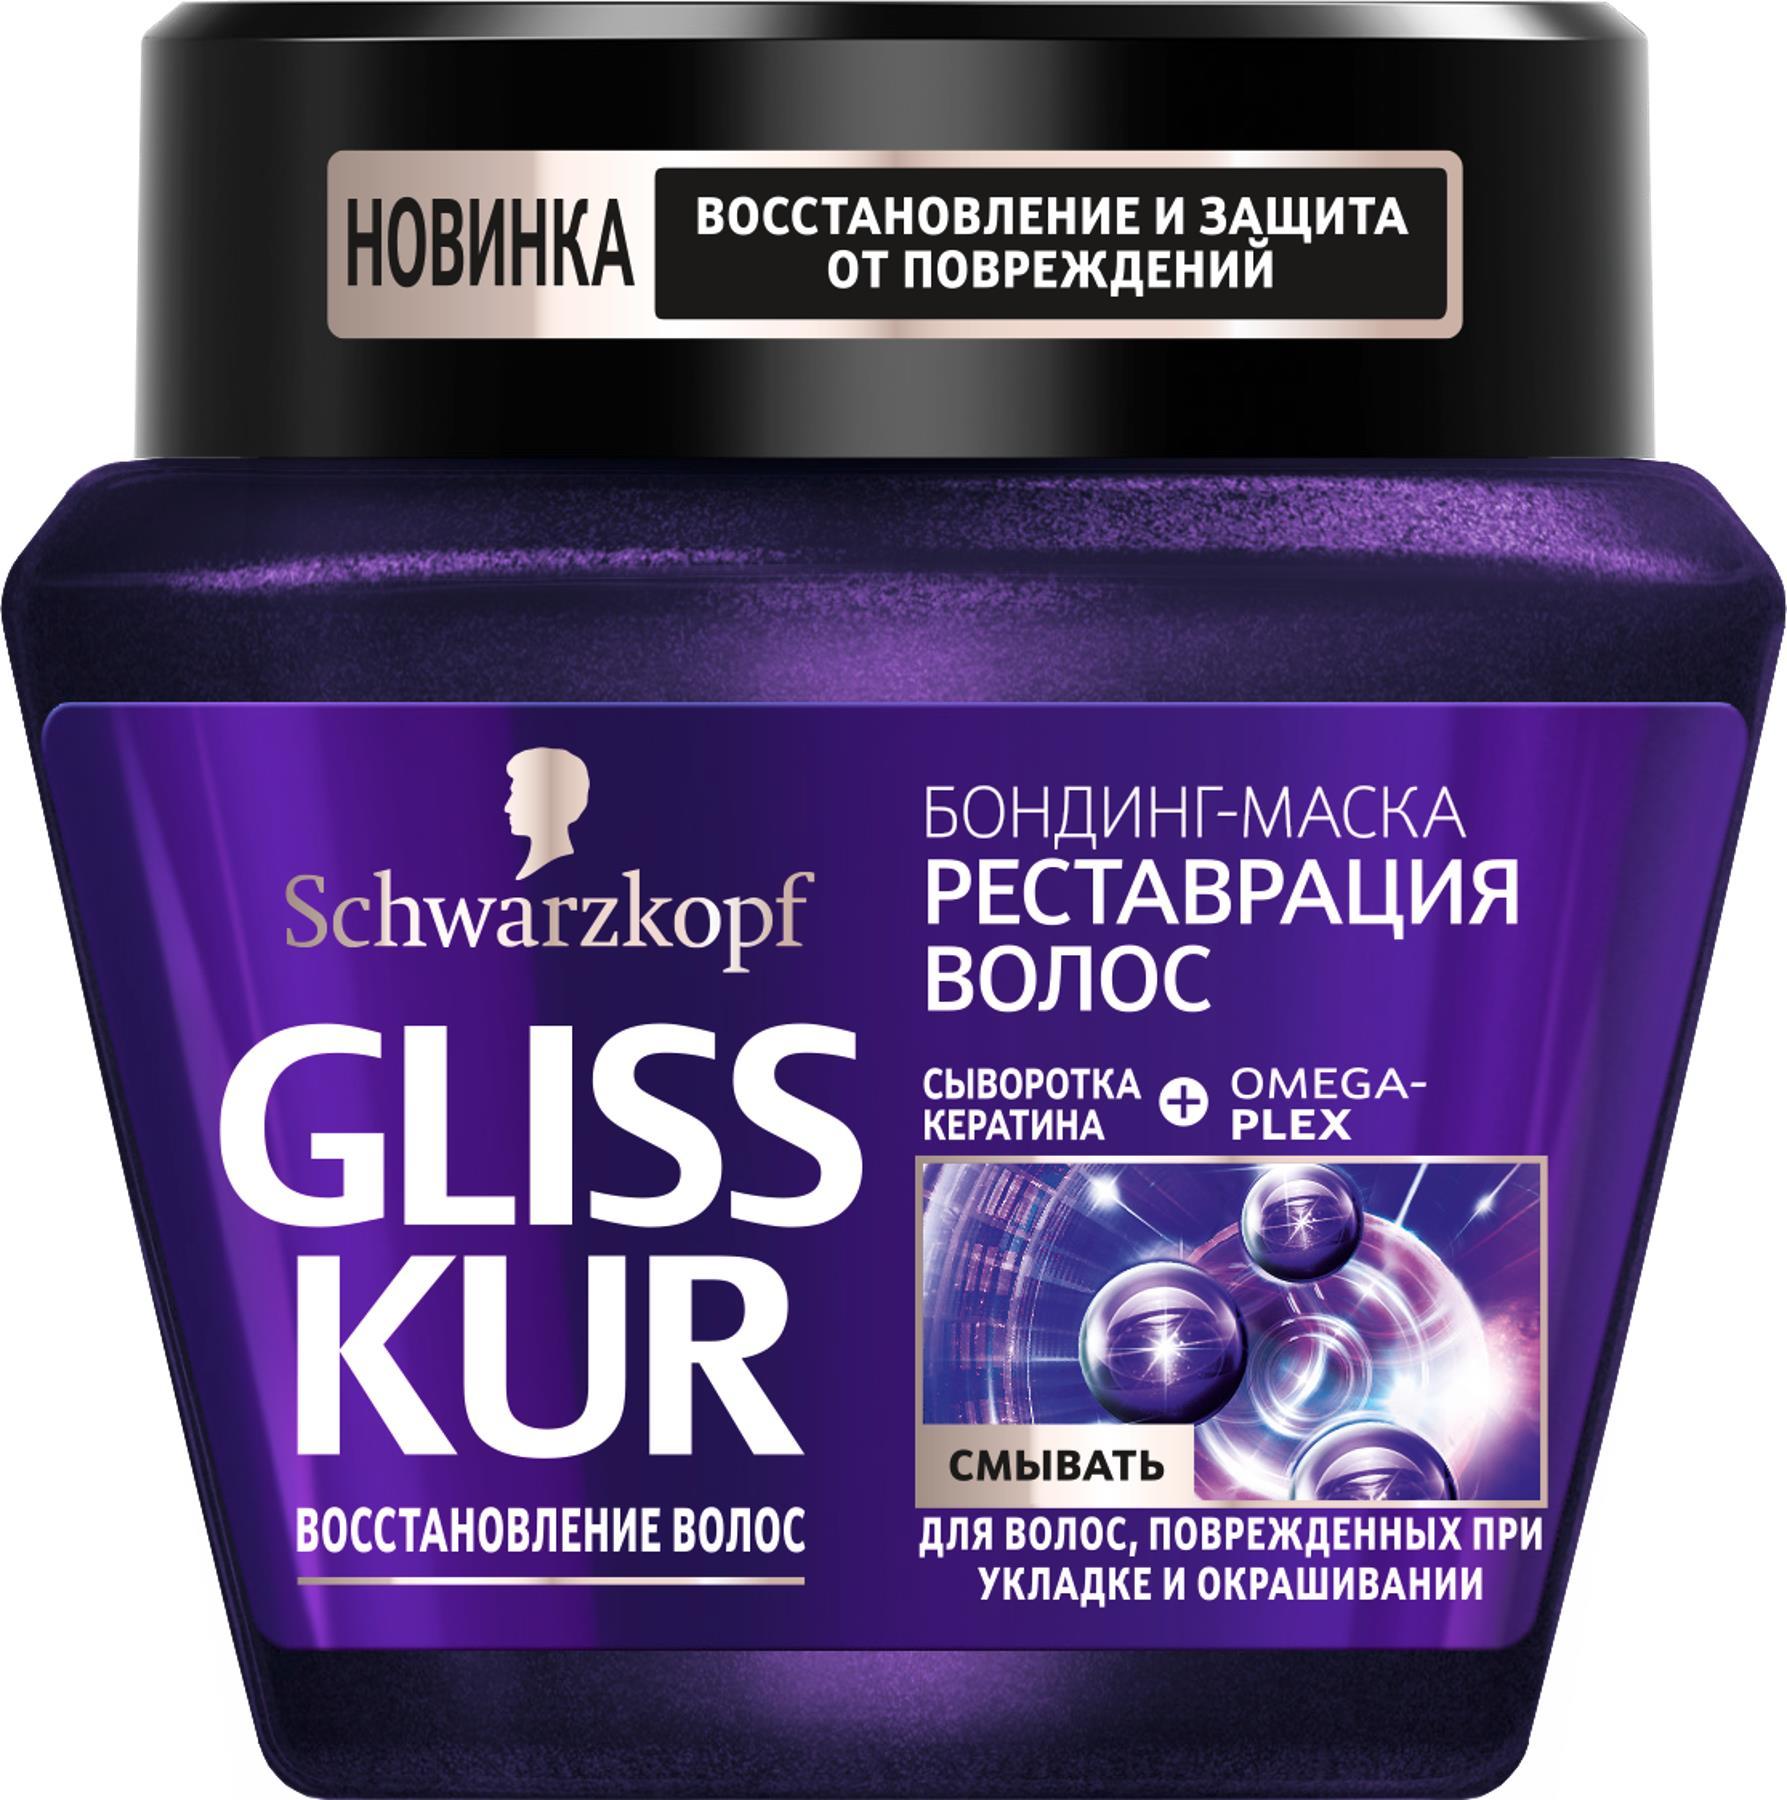 Gliss Kur Восстанавливающая маска Реновация волос, 300 мл09261969Из-за частого окрашивания и укладки волос феном и щипцами для завивки или выпрямления структурные связи между волокнами волоса разрушаются, и волосы теряют здоровый вид. Революционная формула** GLISS KUR с технологией OMEGAPLEX проникает внутрь волоса и восстанавливает разорванные структурные связи. Результат – видимое улучшение качества волос после каждого применения и защита от повреждений.*при регулярном использовании **в ассортименте GLISS KUR Уважаемые клиенты!Обращаем ваше внимание на возможные изменения в дизайне упаковки. Качественные характеристики товара остаются неизменными. Поставка осуществляется в зависимости от наличия на складе.